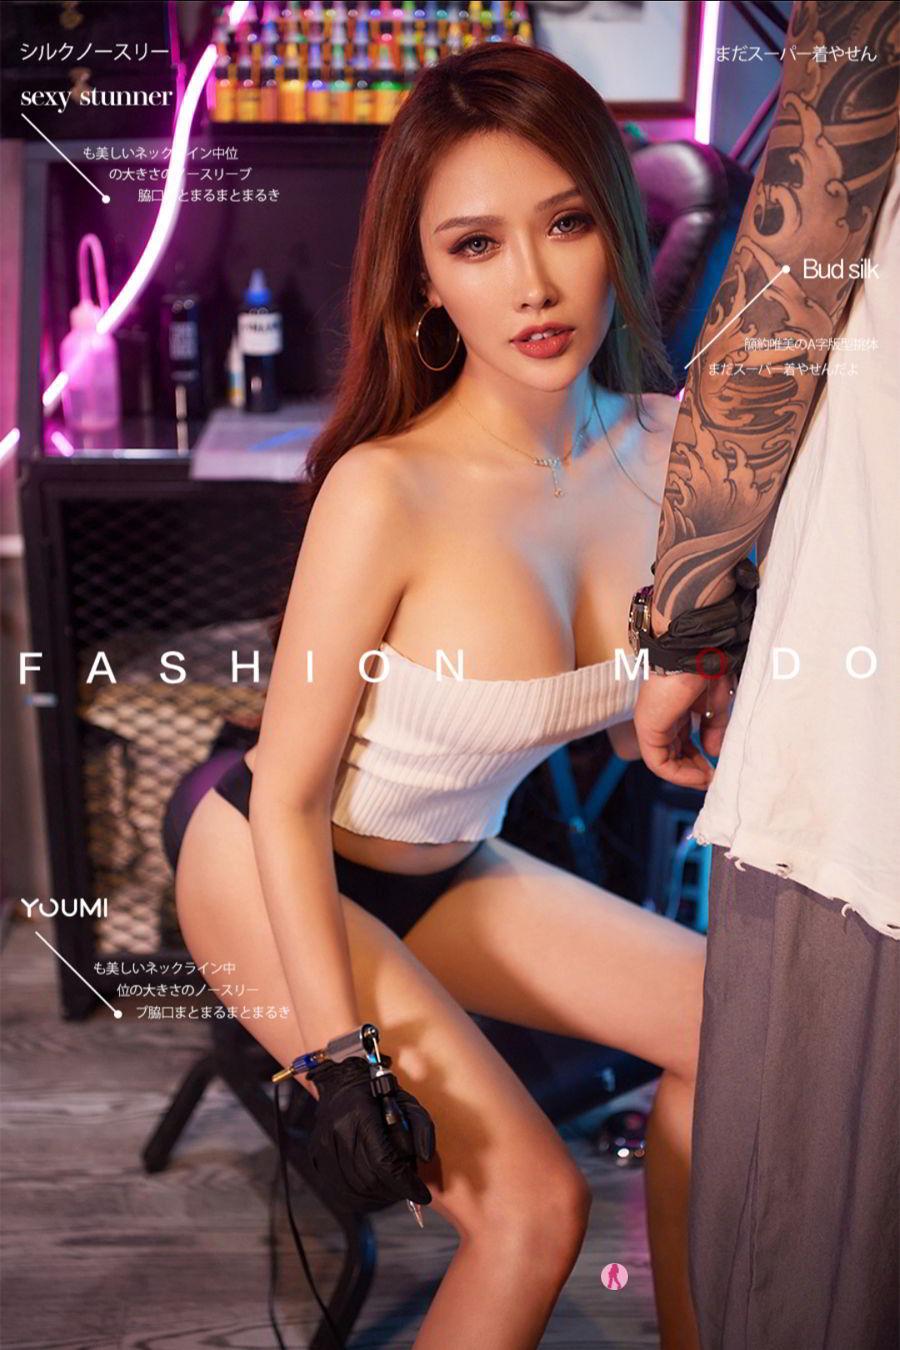 腿控福利小蛮腰翘臀美女模特YouMi尤蜜-[李承美]超高清写真图片|1620433829更新